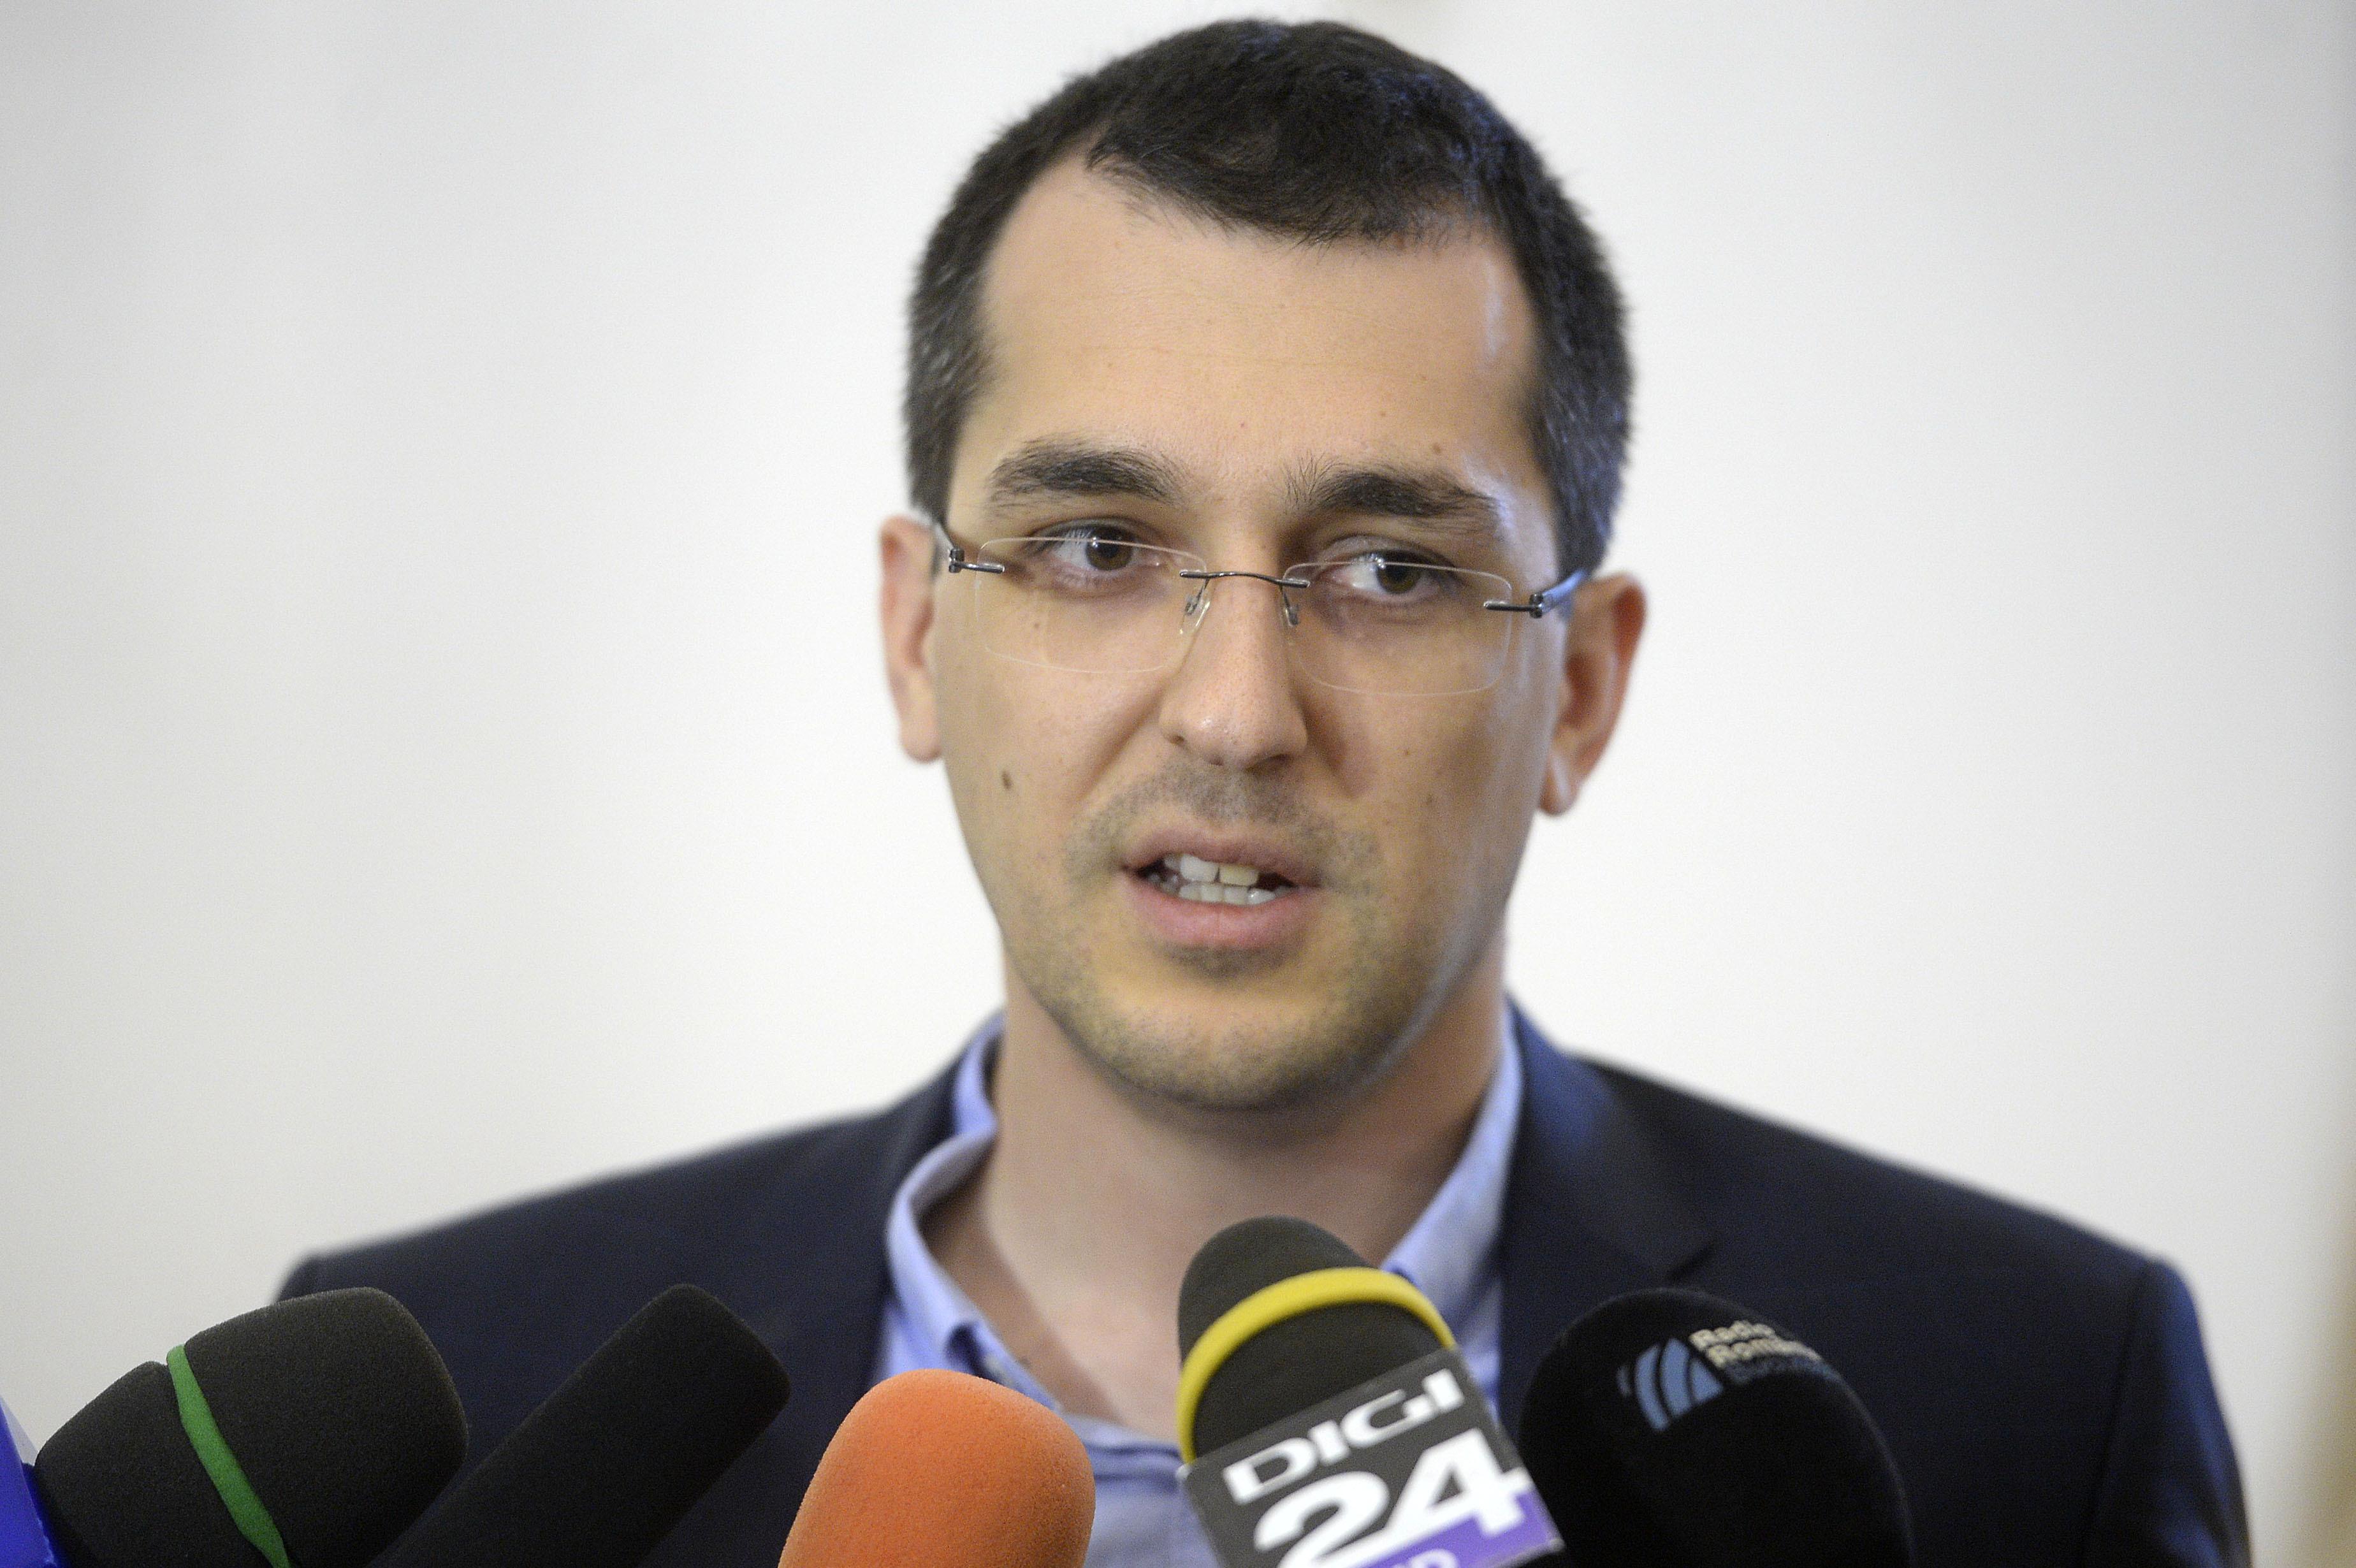 Vlad Voiculescu îl contrazice pe Dragnea, referitor la banii alocaţi tratamentelor pentru victimele de la Colectiv